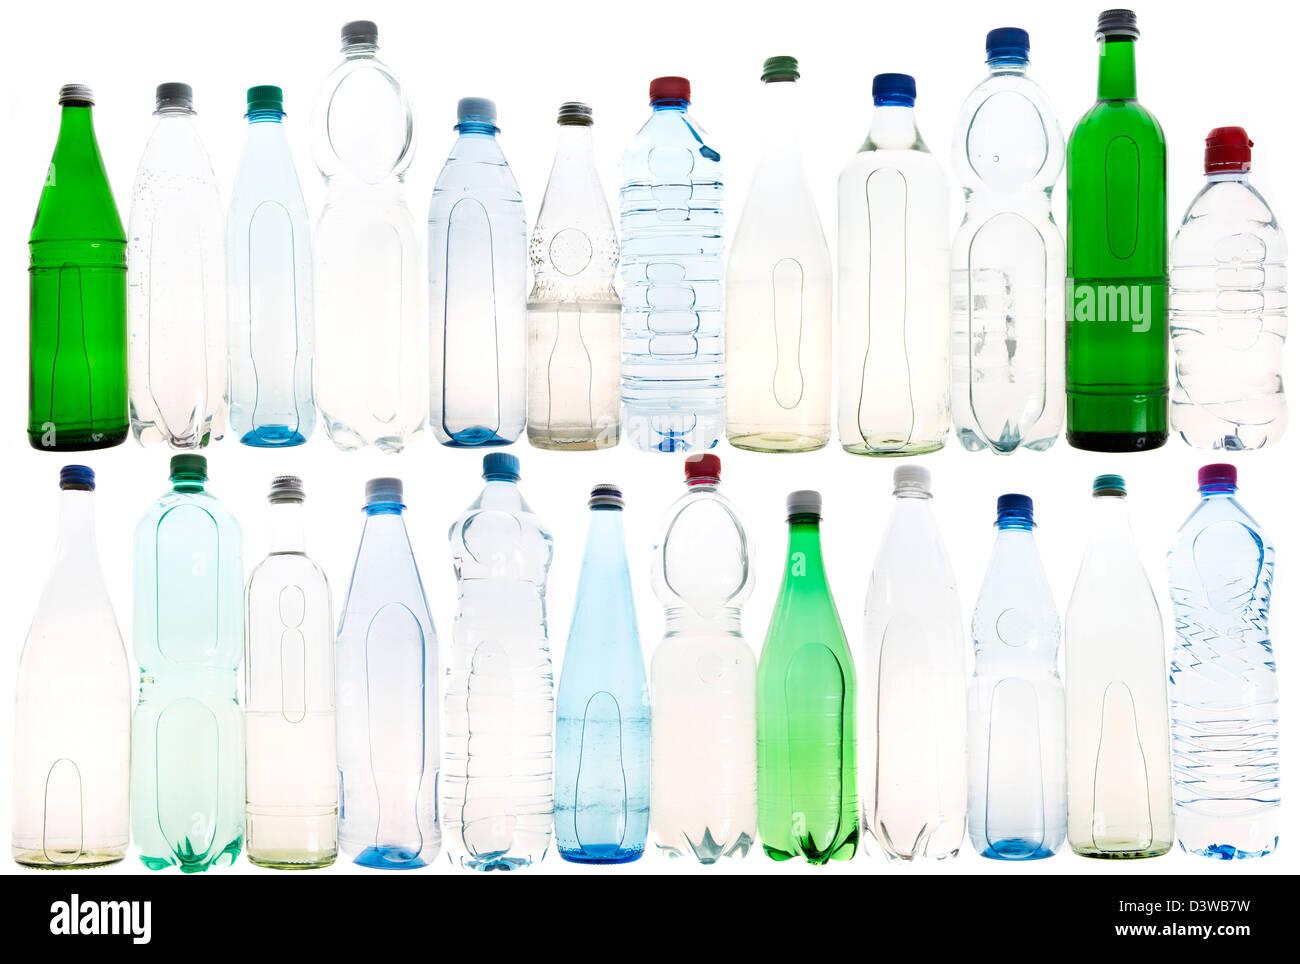 Los diferentes tipos de botellas de aguas minerales y aguas de mesa. Imagen De Stock